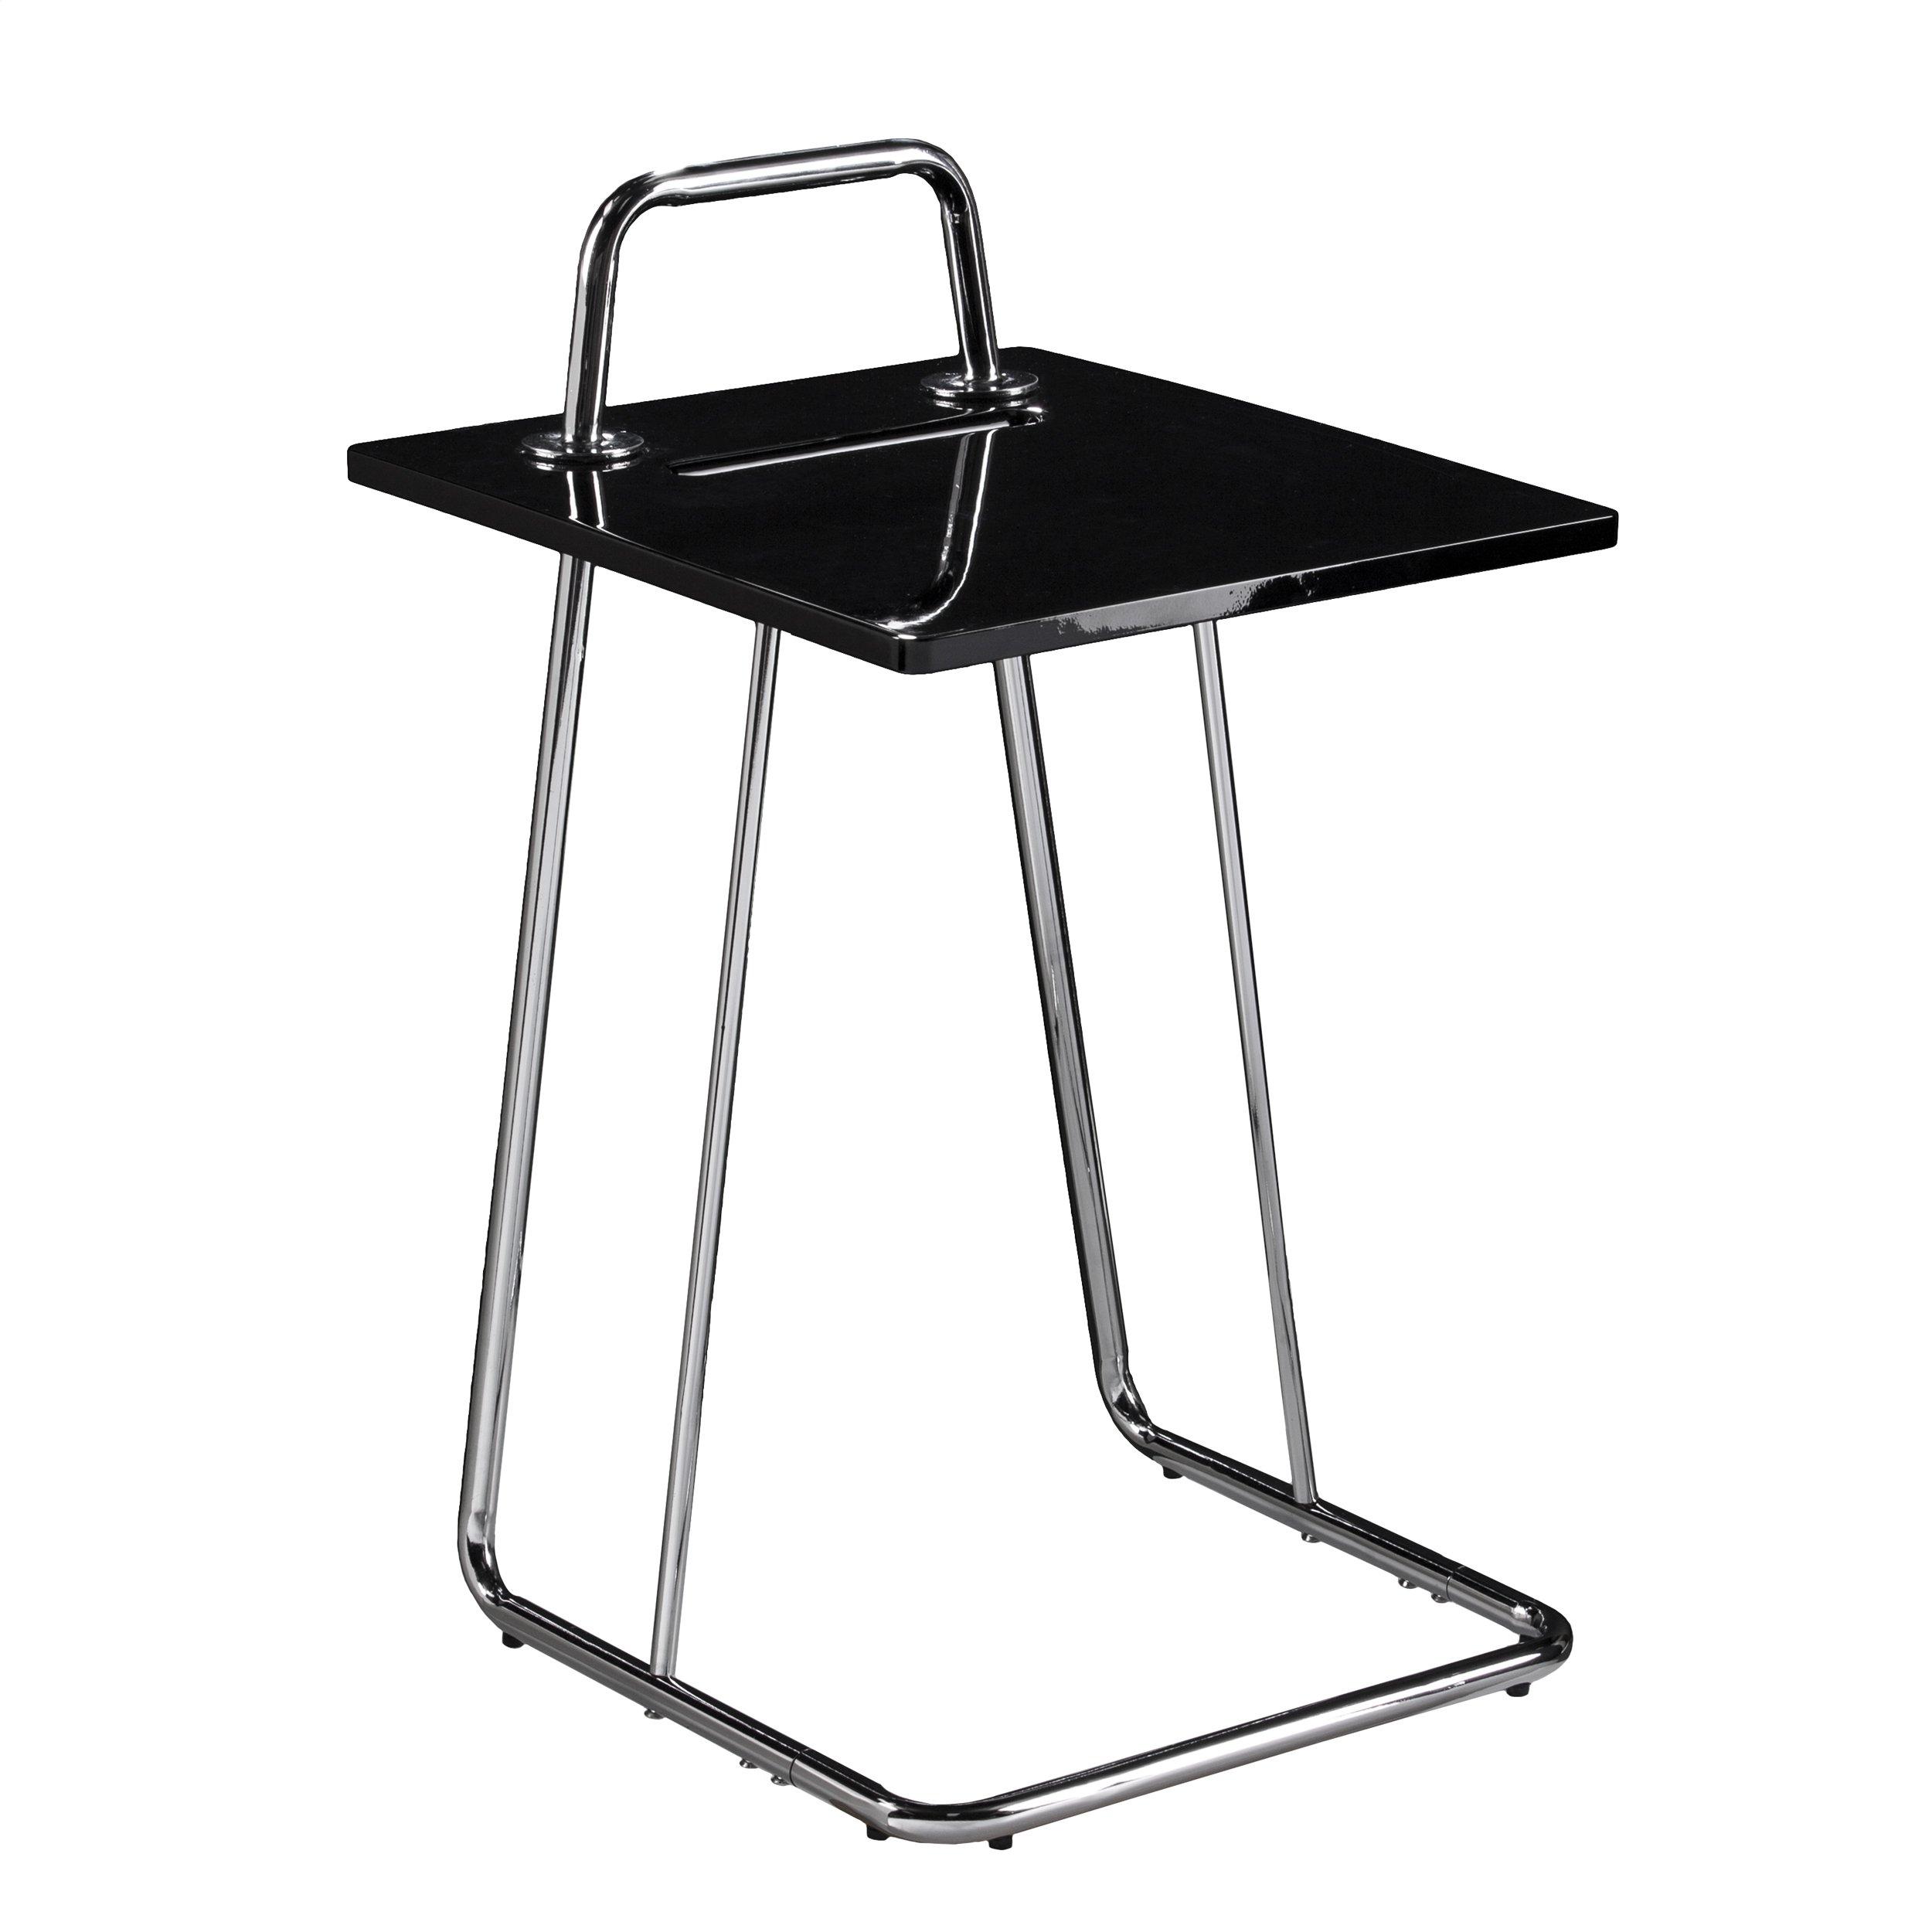 Southern Enterprises AMZ1261CO Henly Table/Laptop Desk C